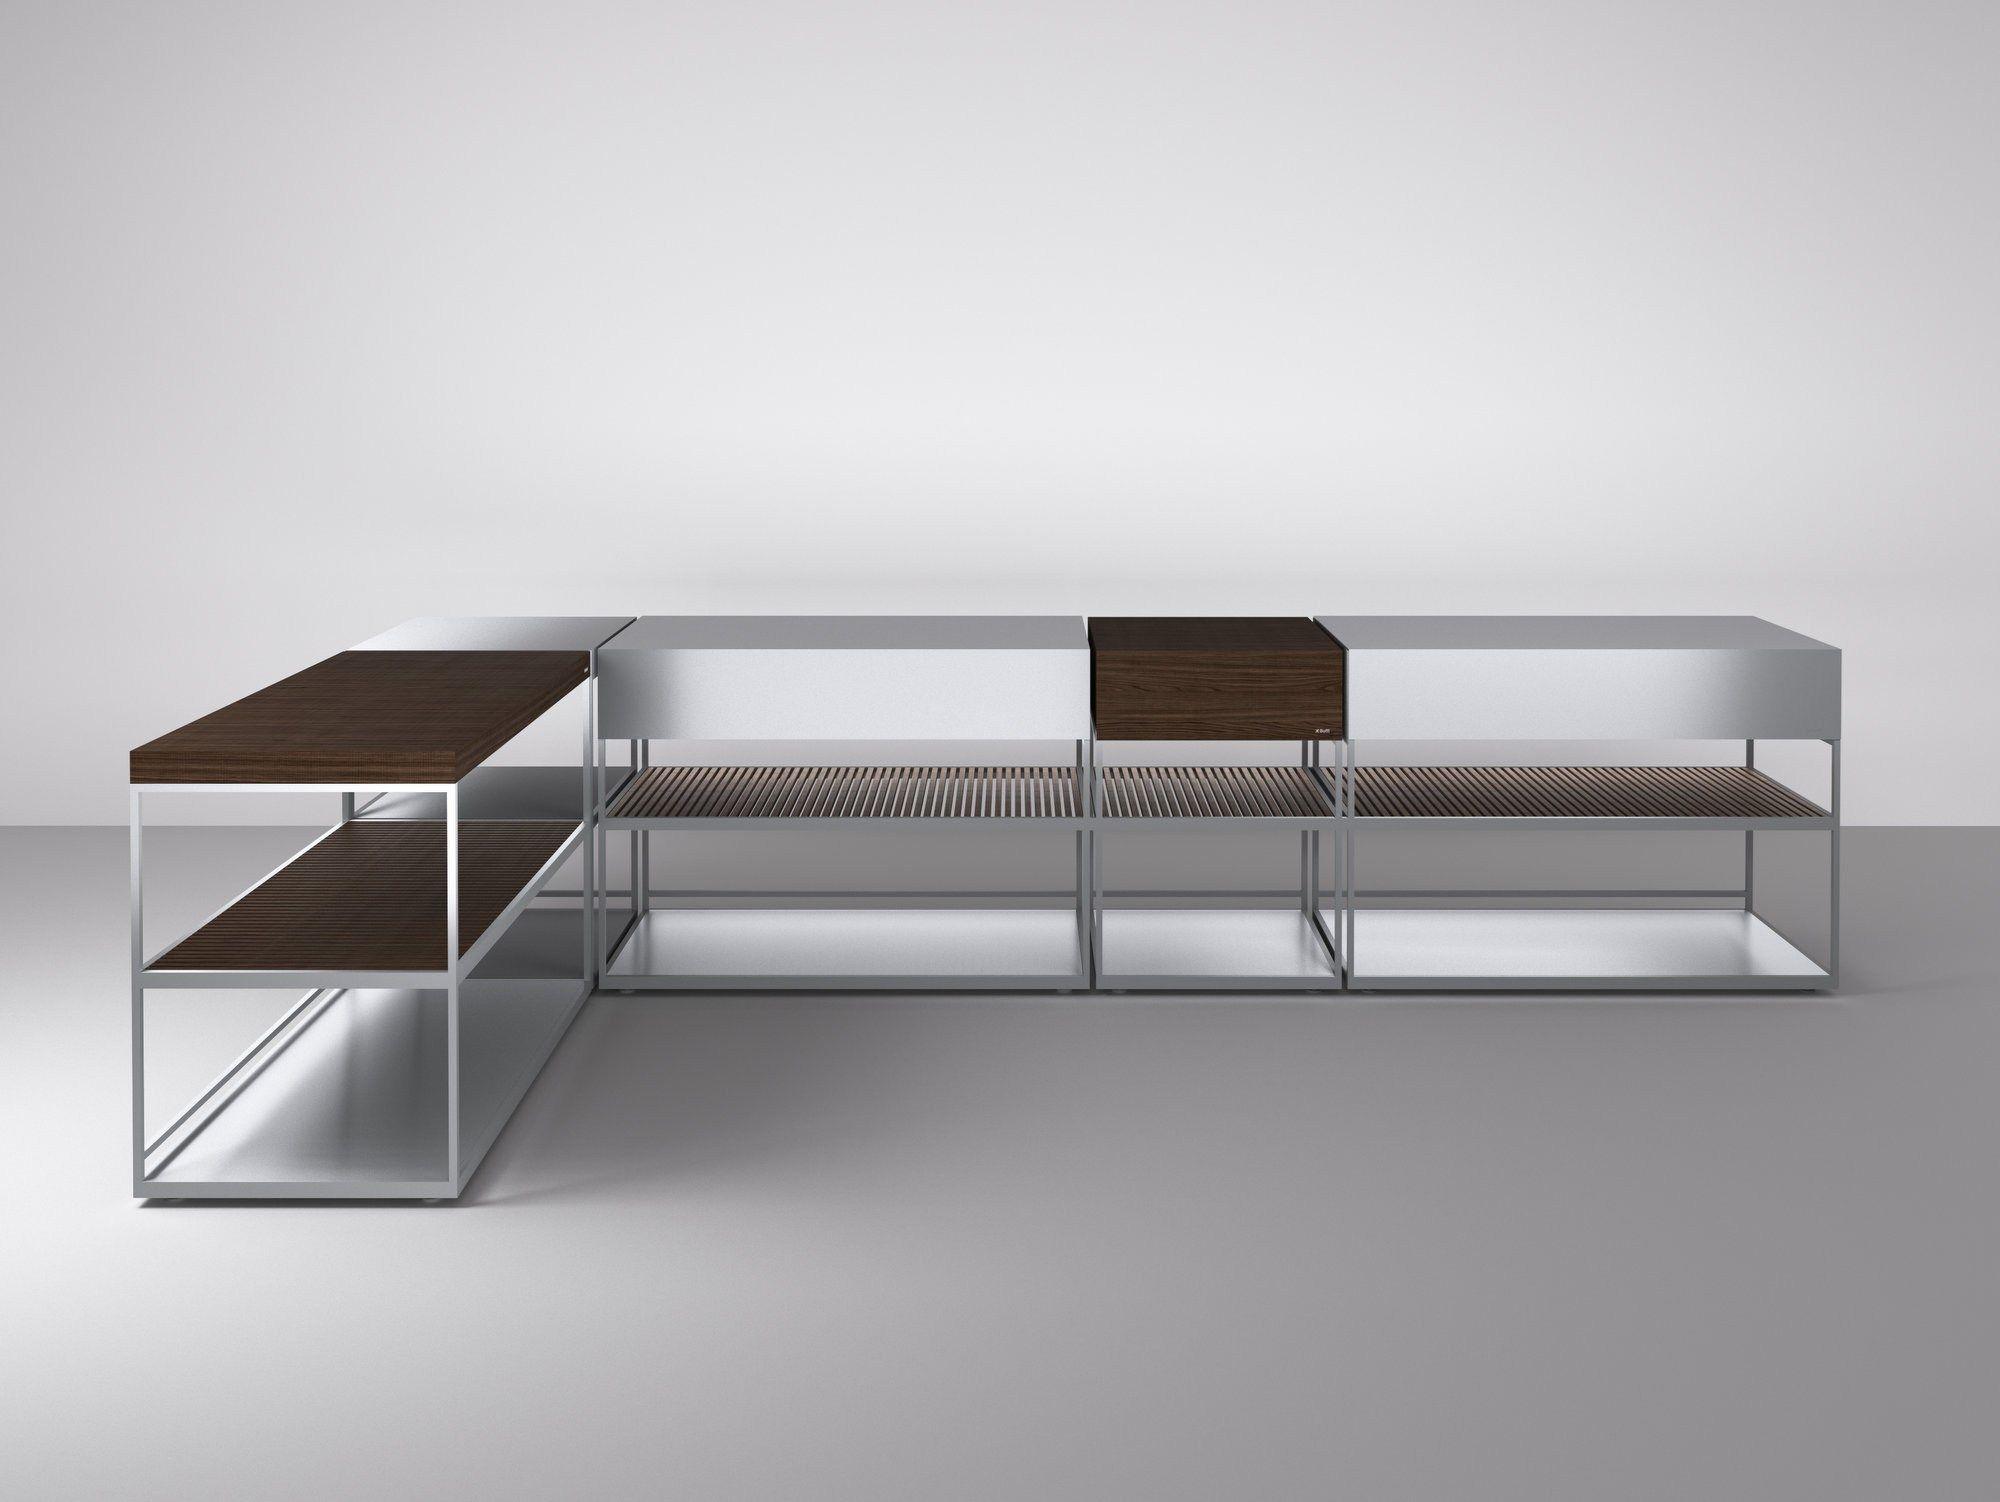 Ah16 cucina da esterno by boffi design alessandro - Cucina da esterno ...